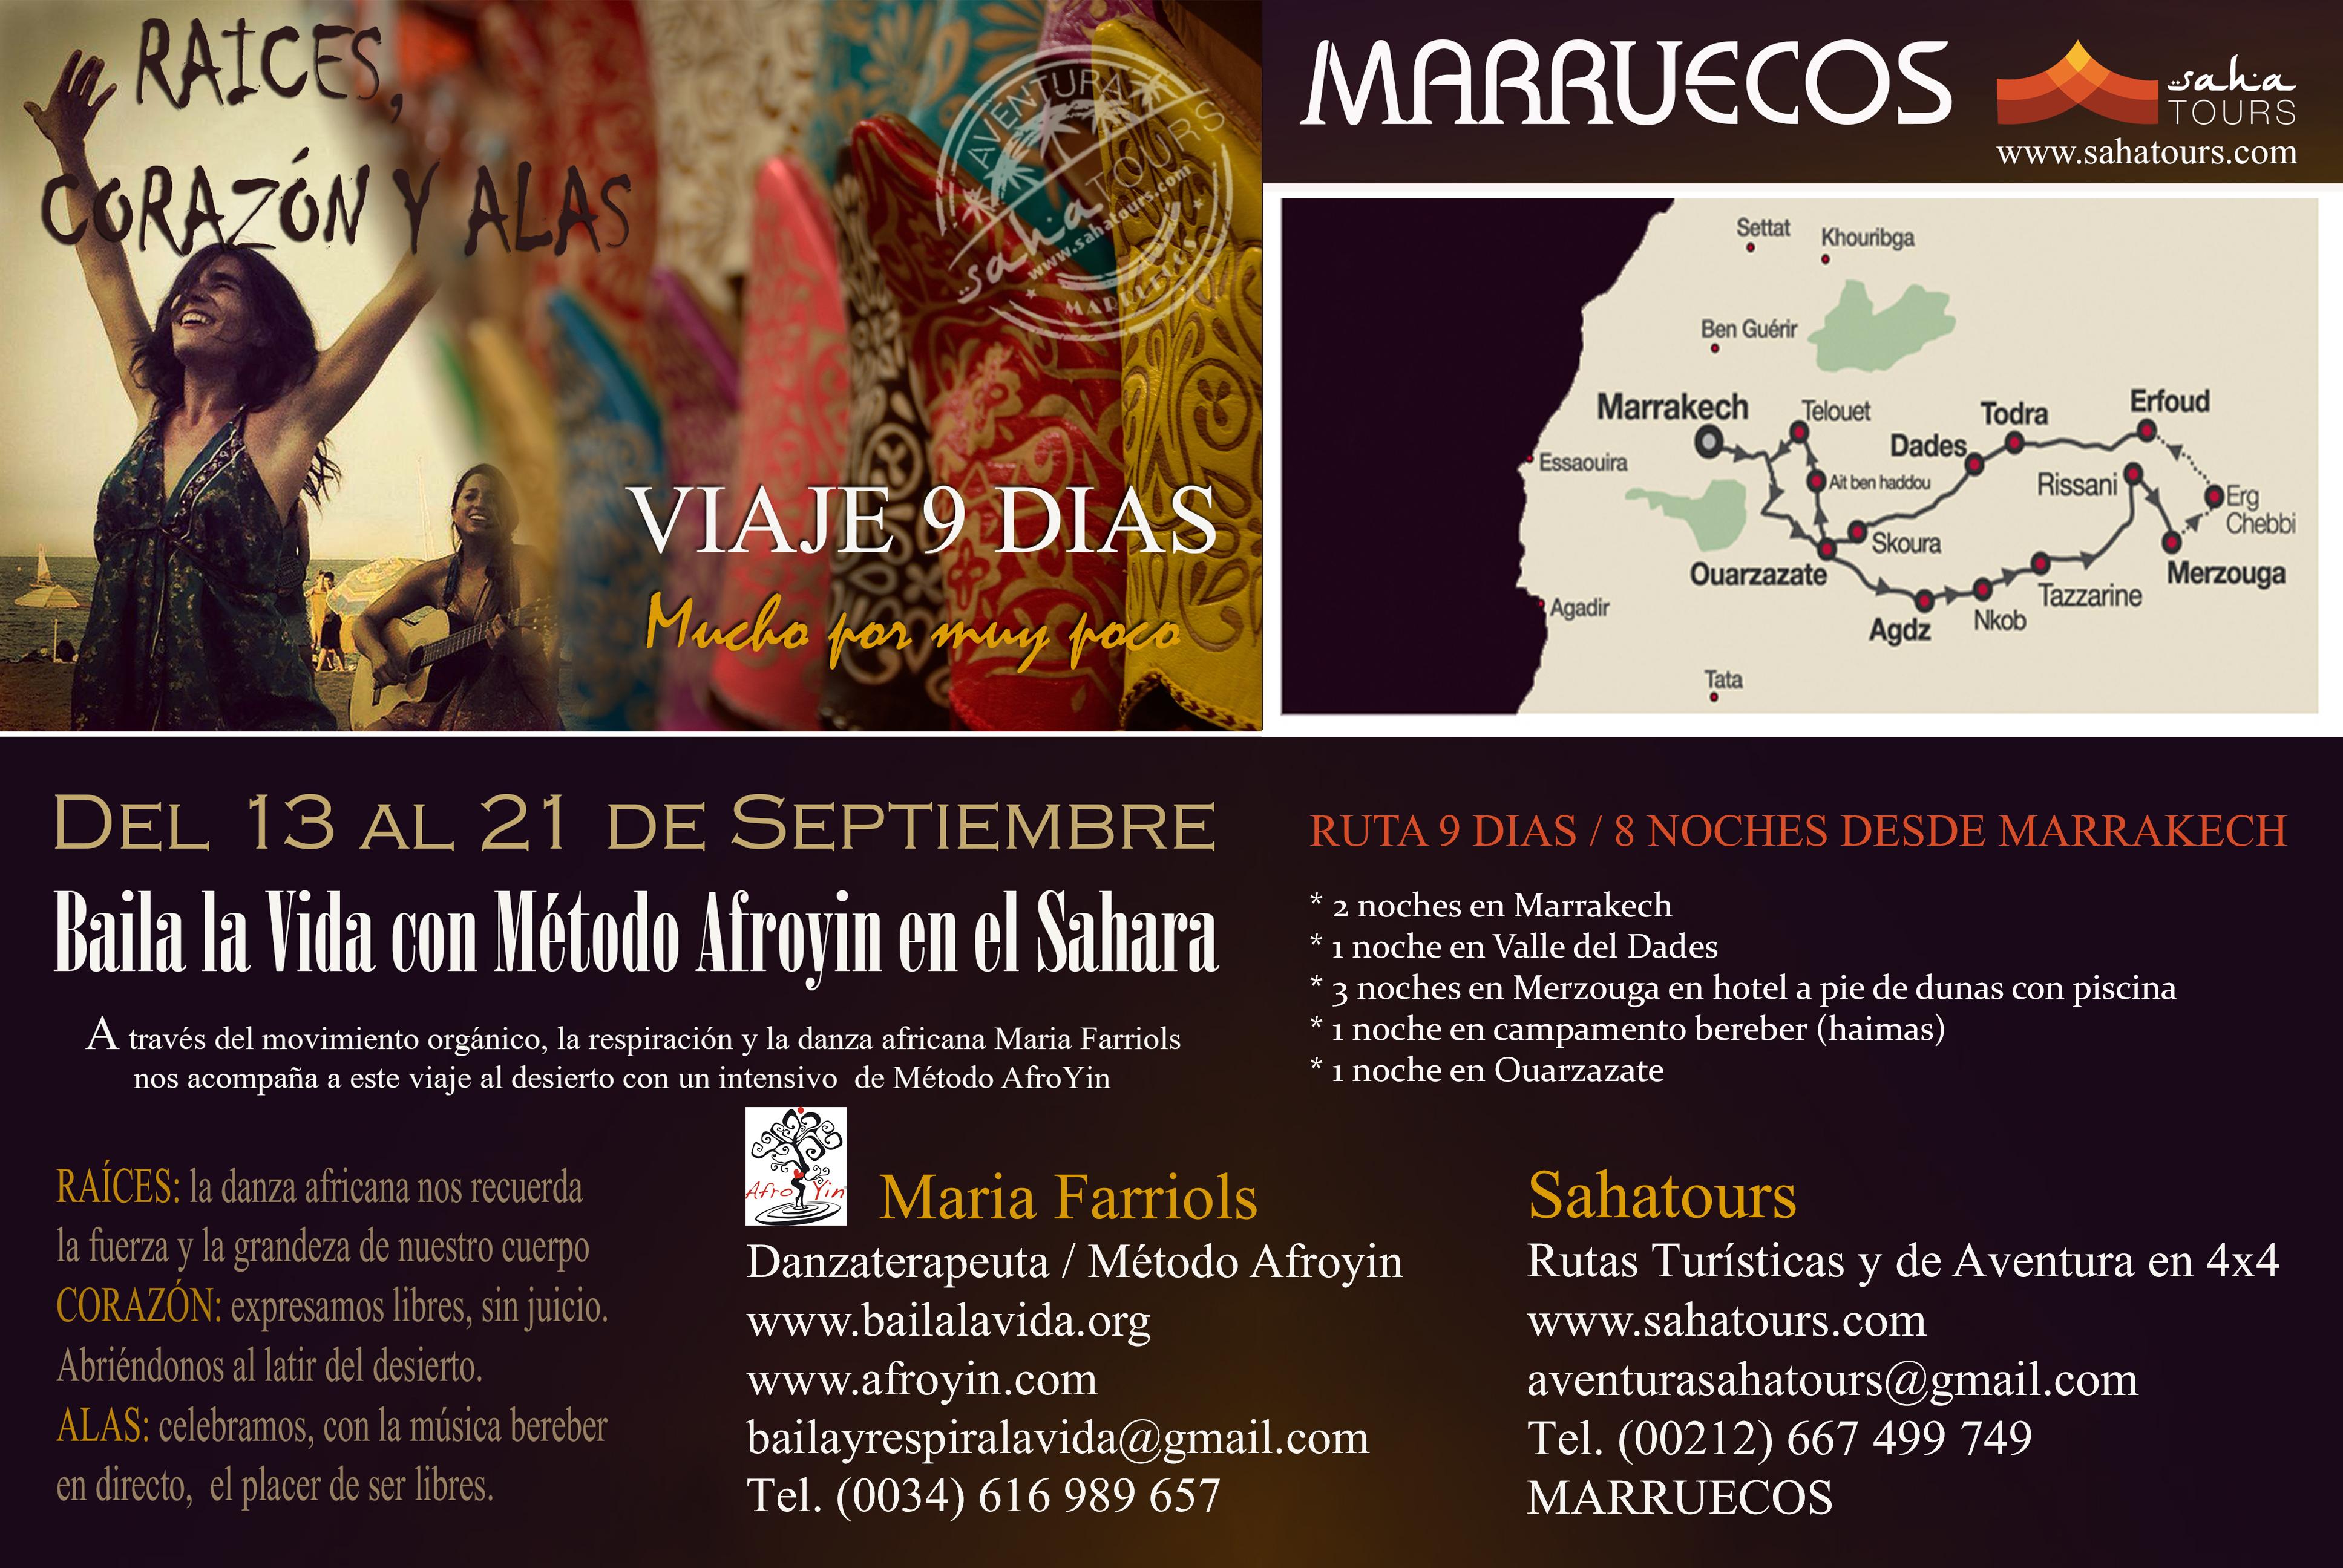 VIAJE A MARRUECOS CON BAILA LA VIDA - SEPTIEMBRE 2015 1